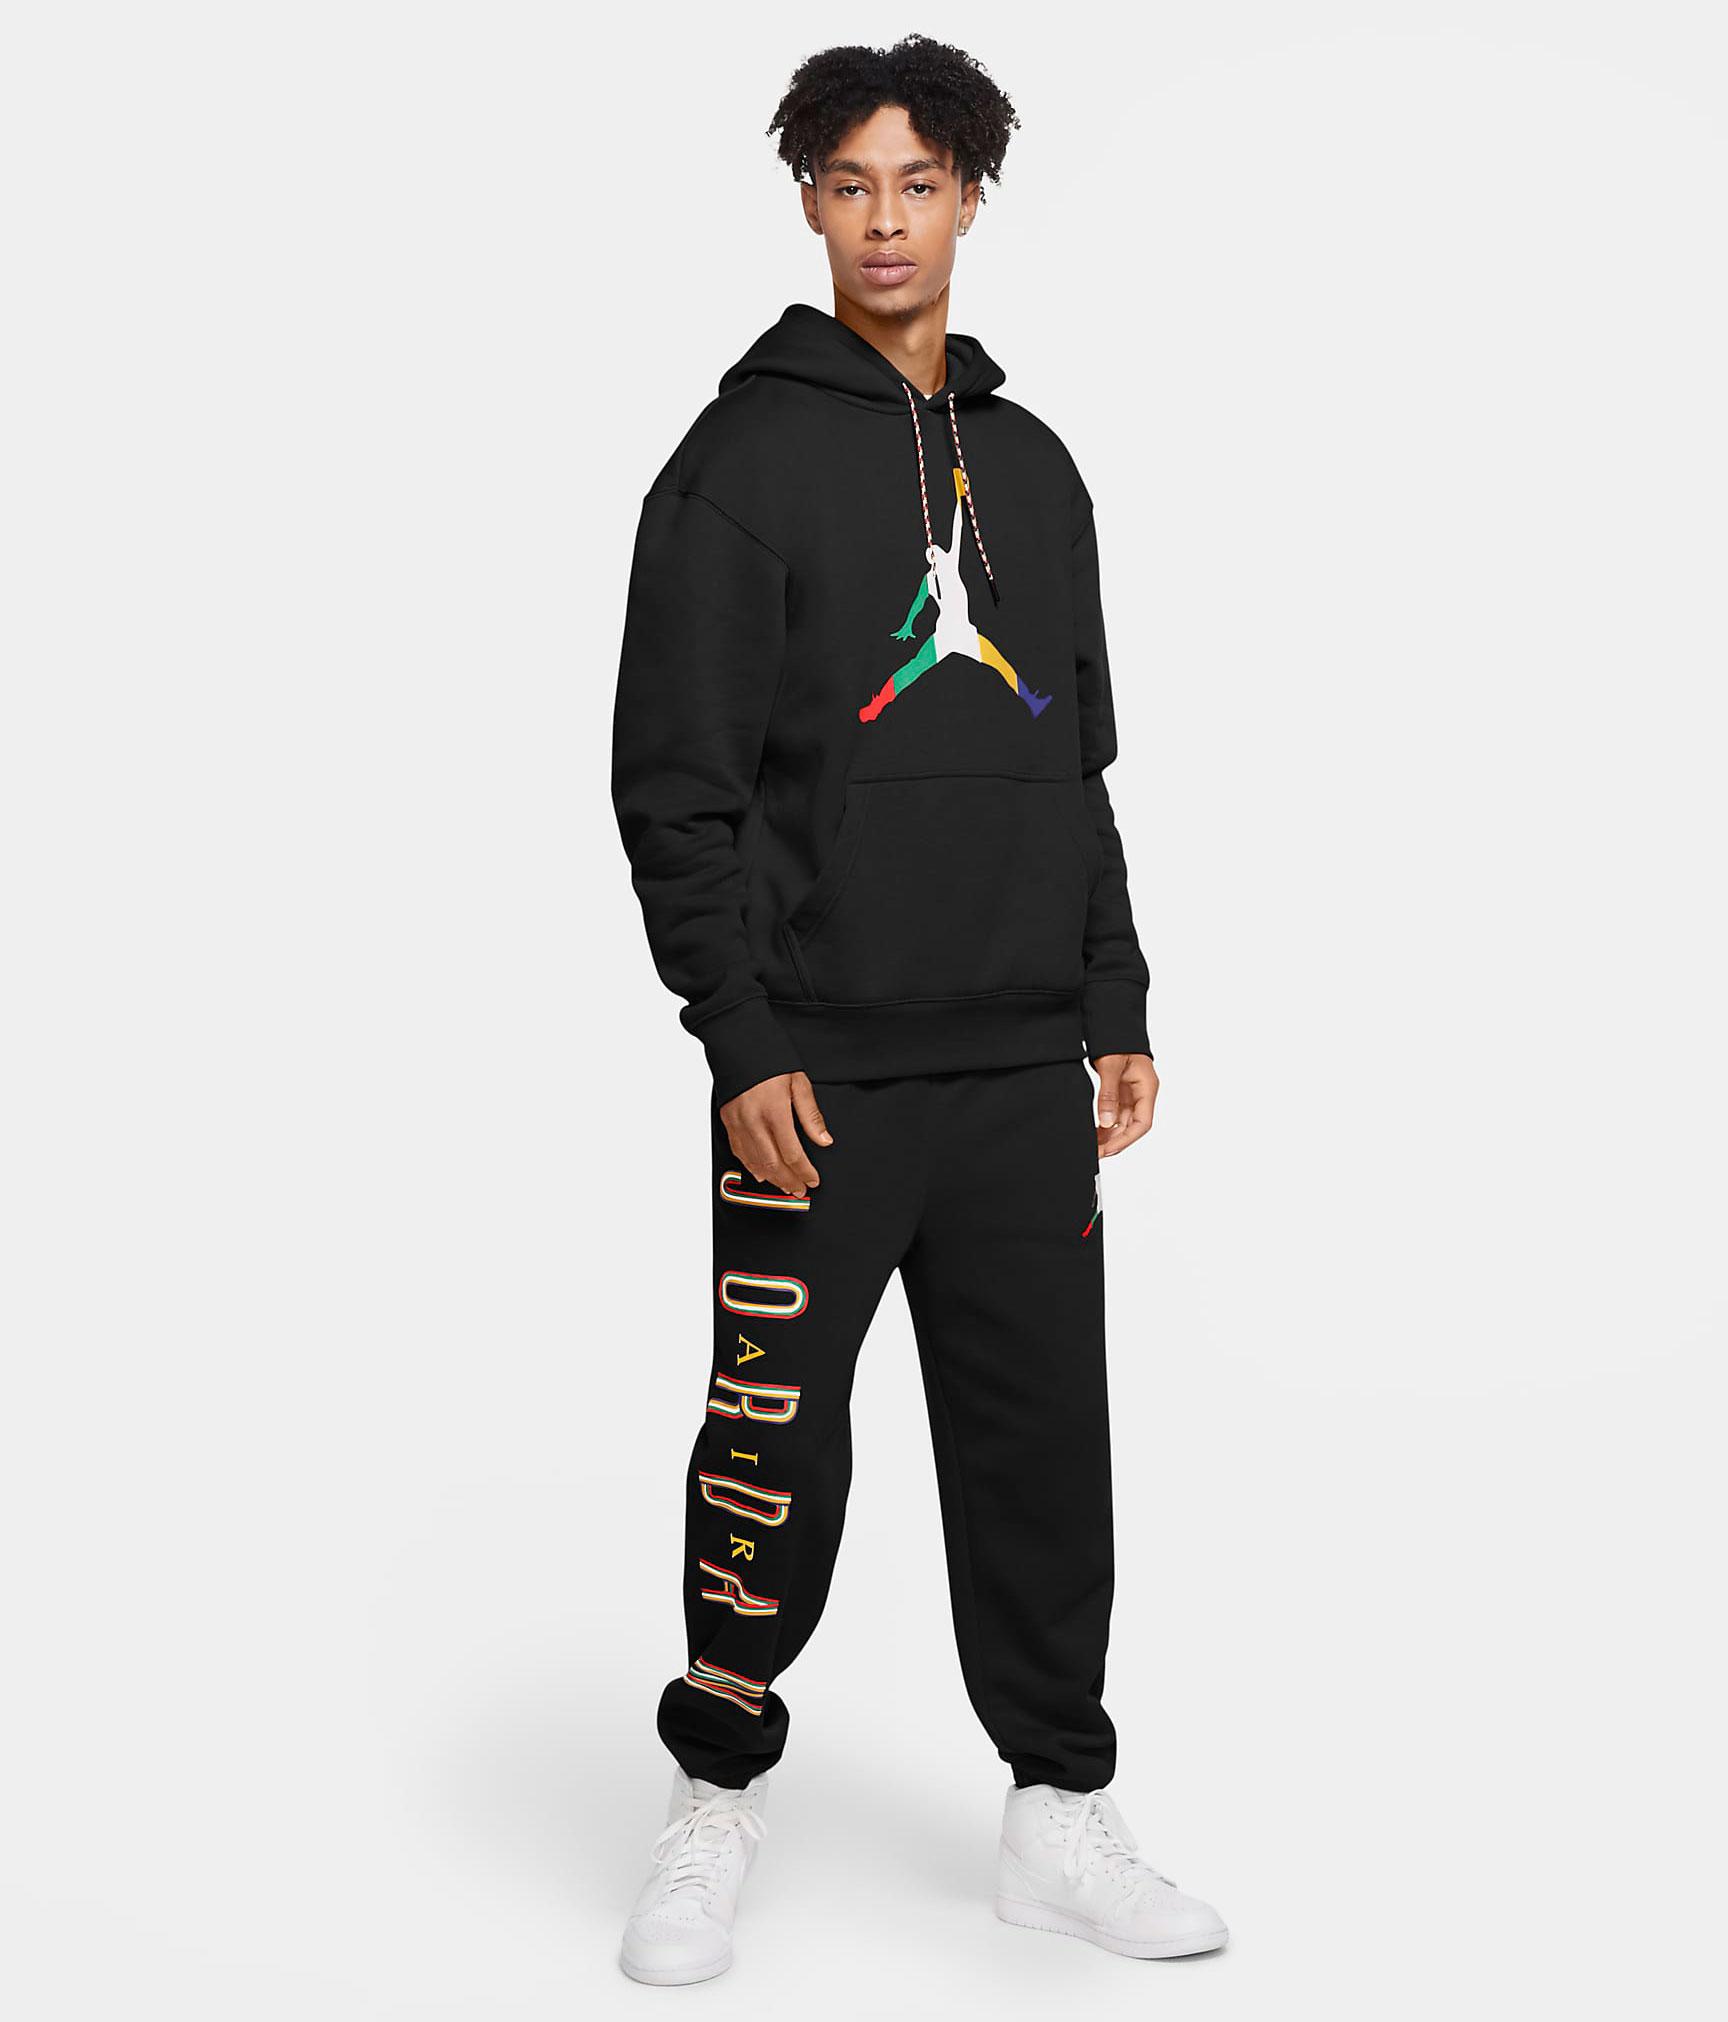 jordan-13-lucky-green-sneaker-outfit-hoodie-pants